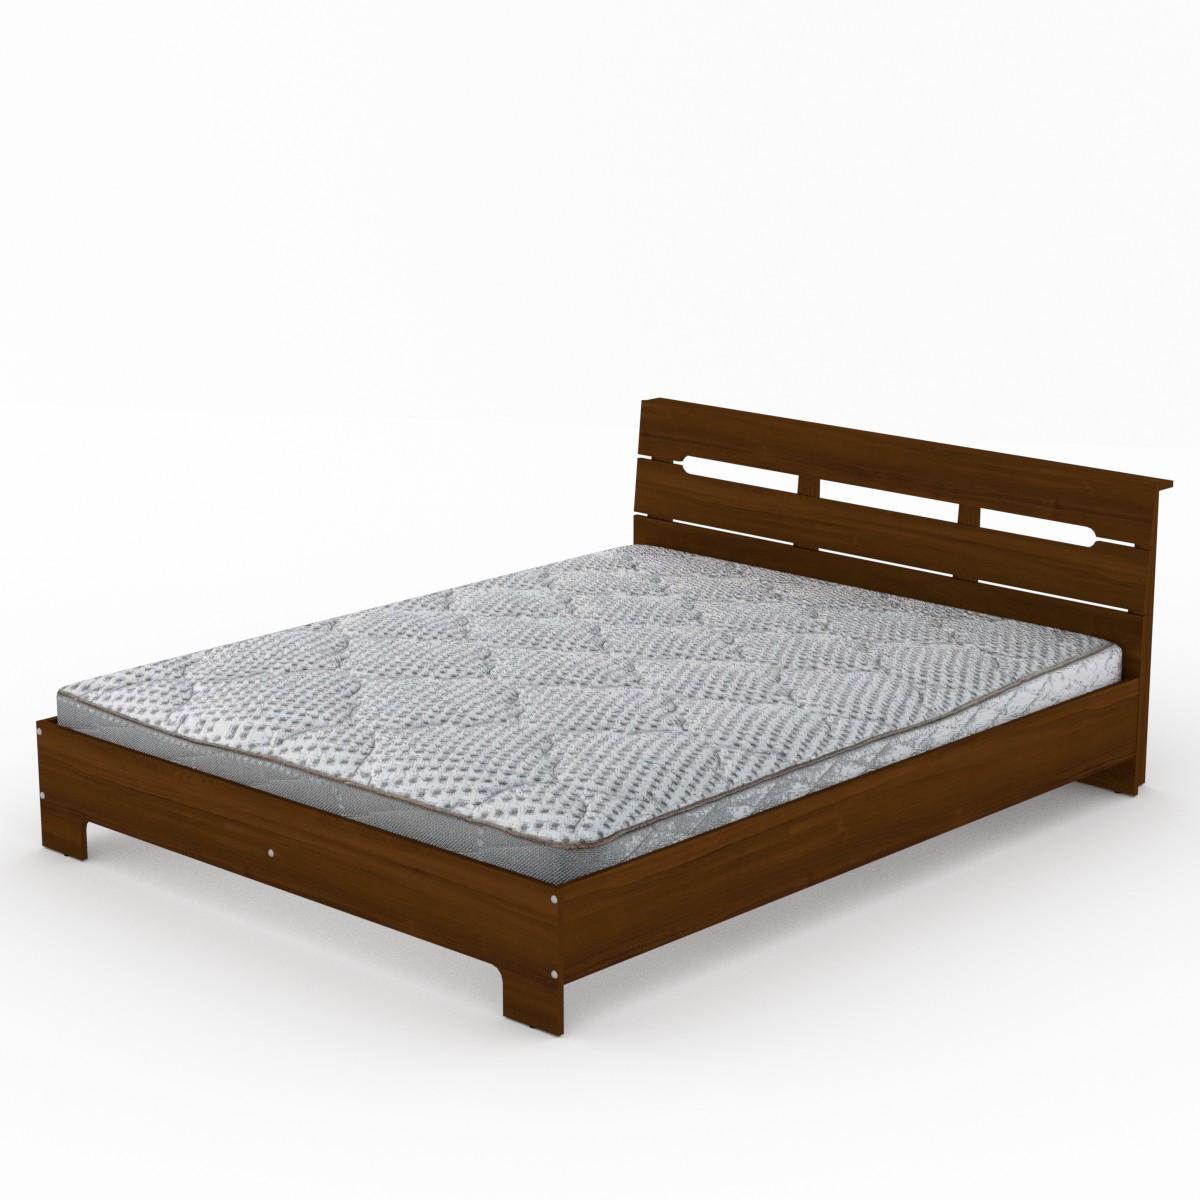 Кровать с матрасом 160 Стиль орех экко Компанит (164х213х77 см)